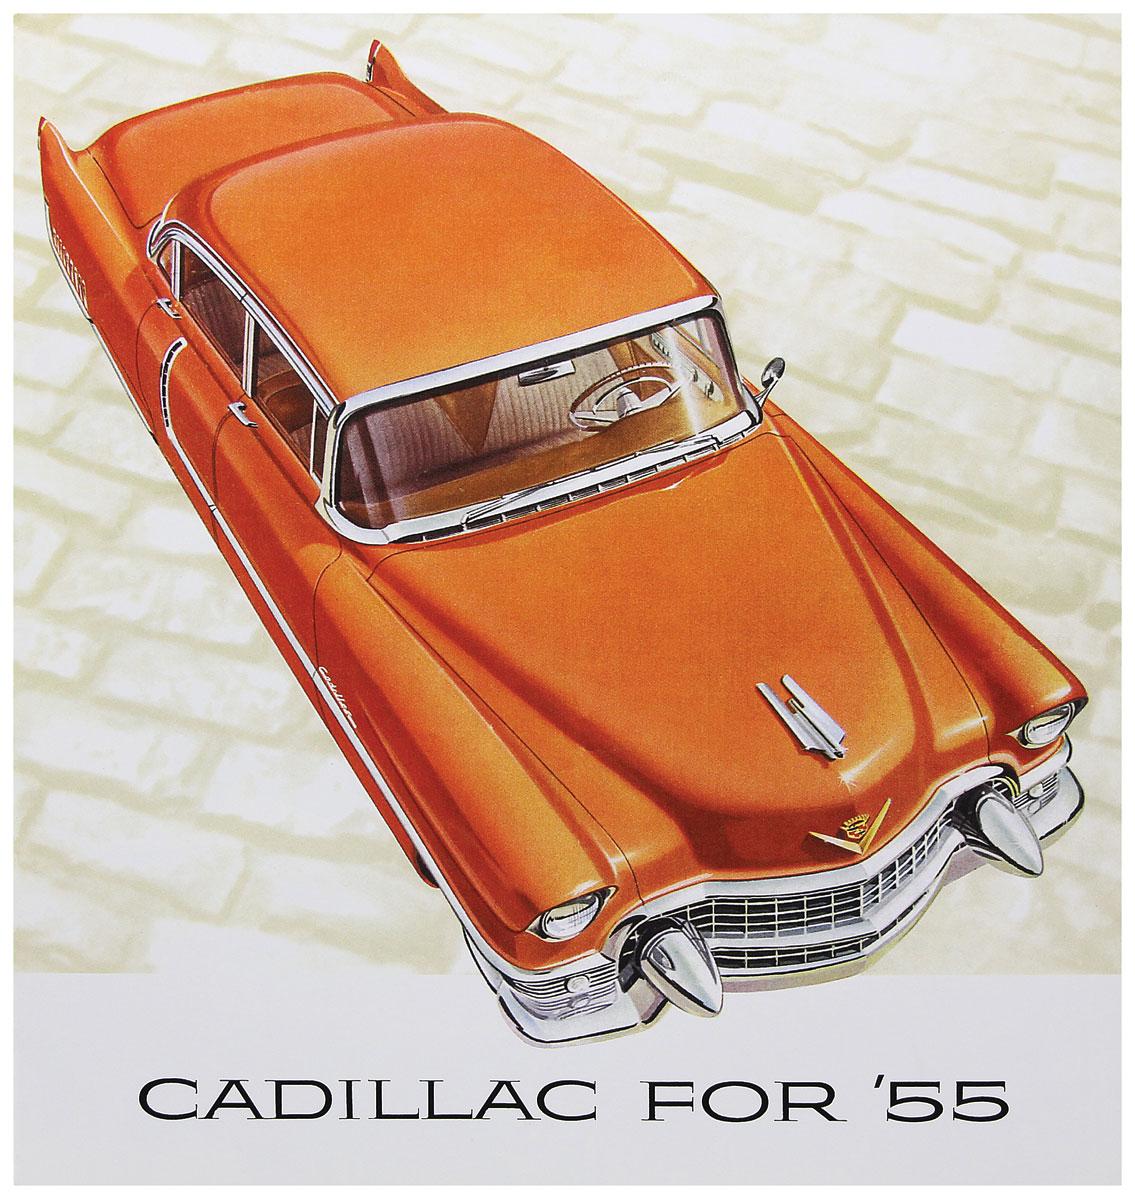 Sales Brochure, 1955 Cadillac